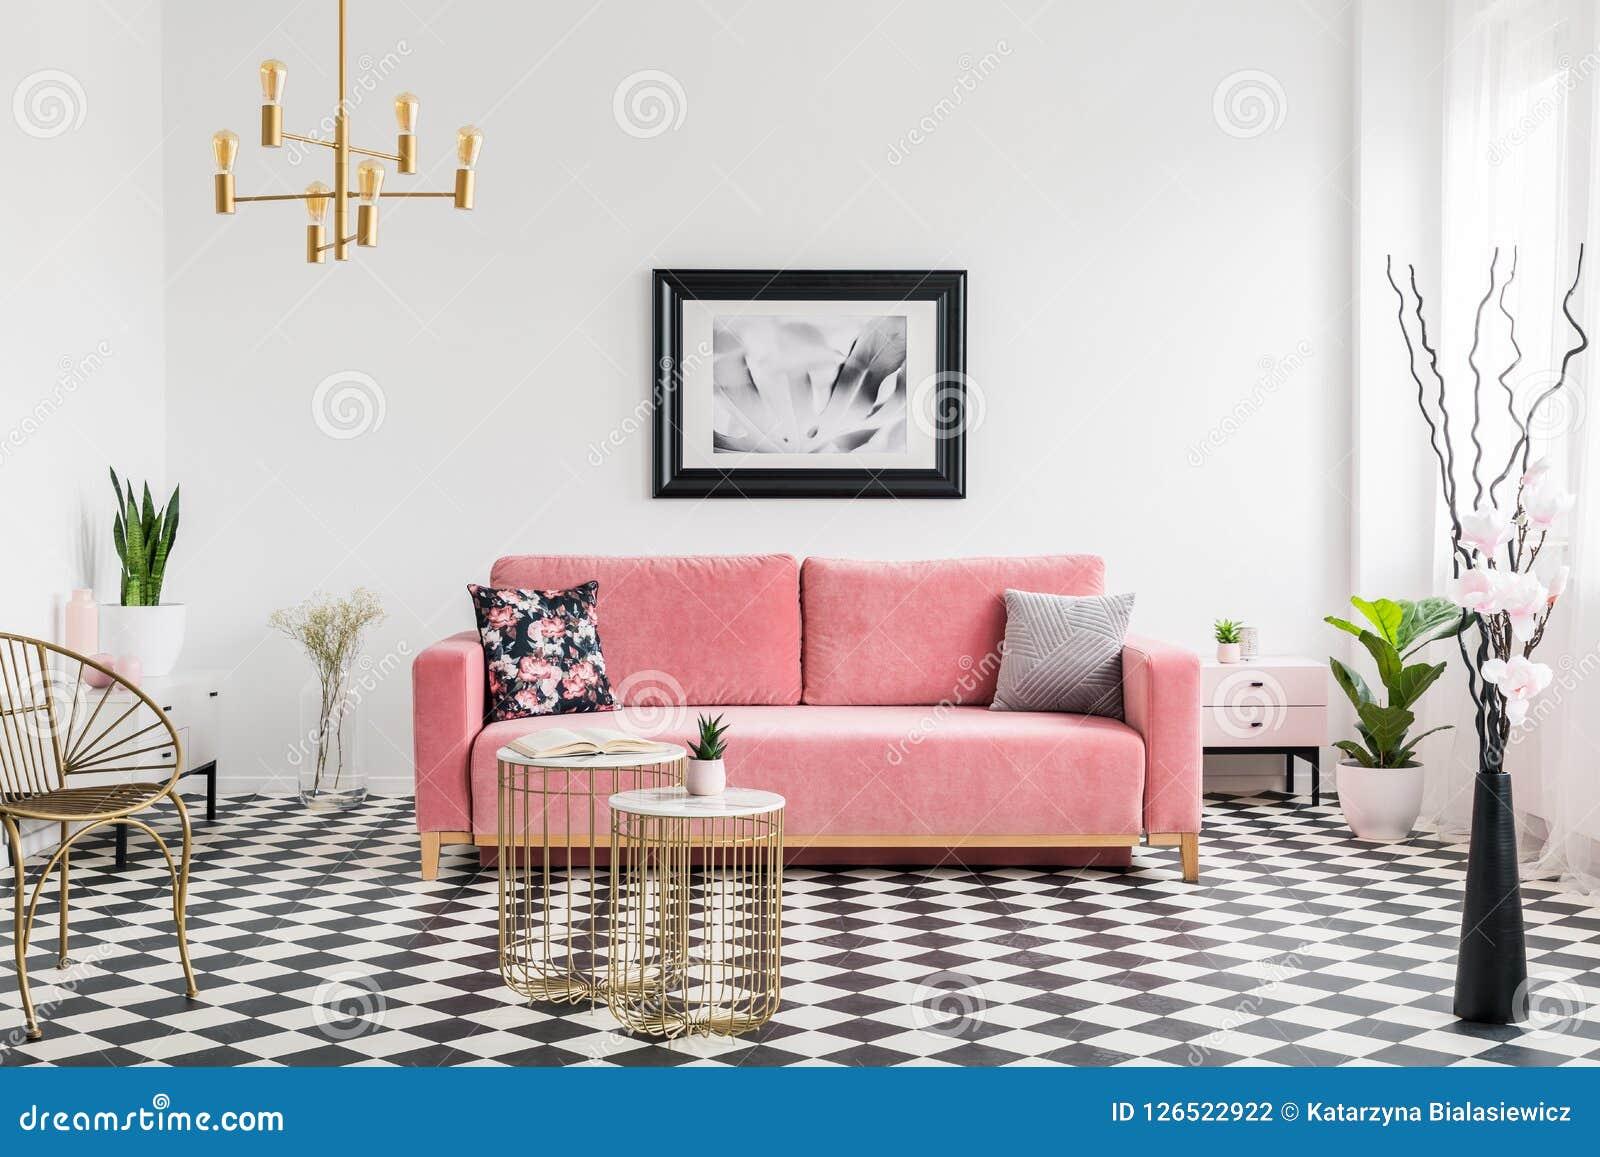 Cadre Au Dessus Du Canapé affiche au-dessus de canapé rose dans l'intérieur spacieux